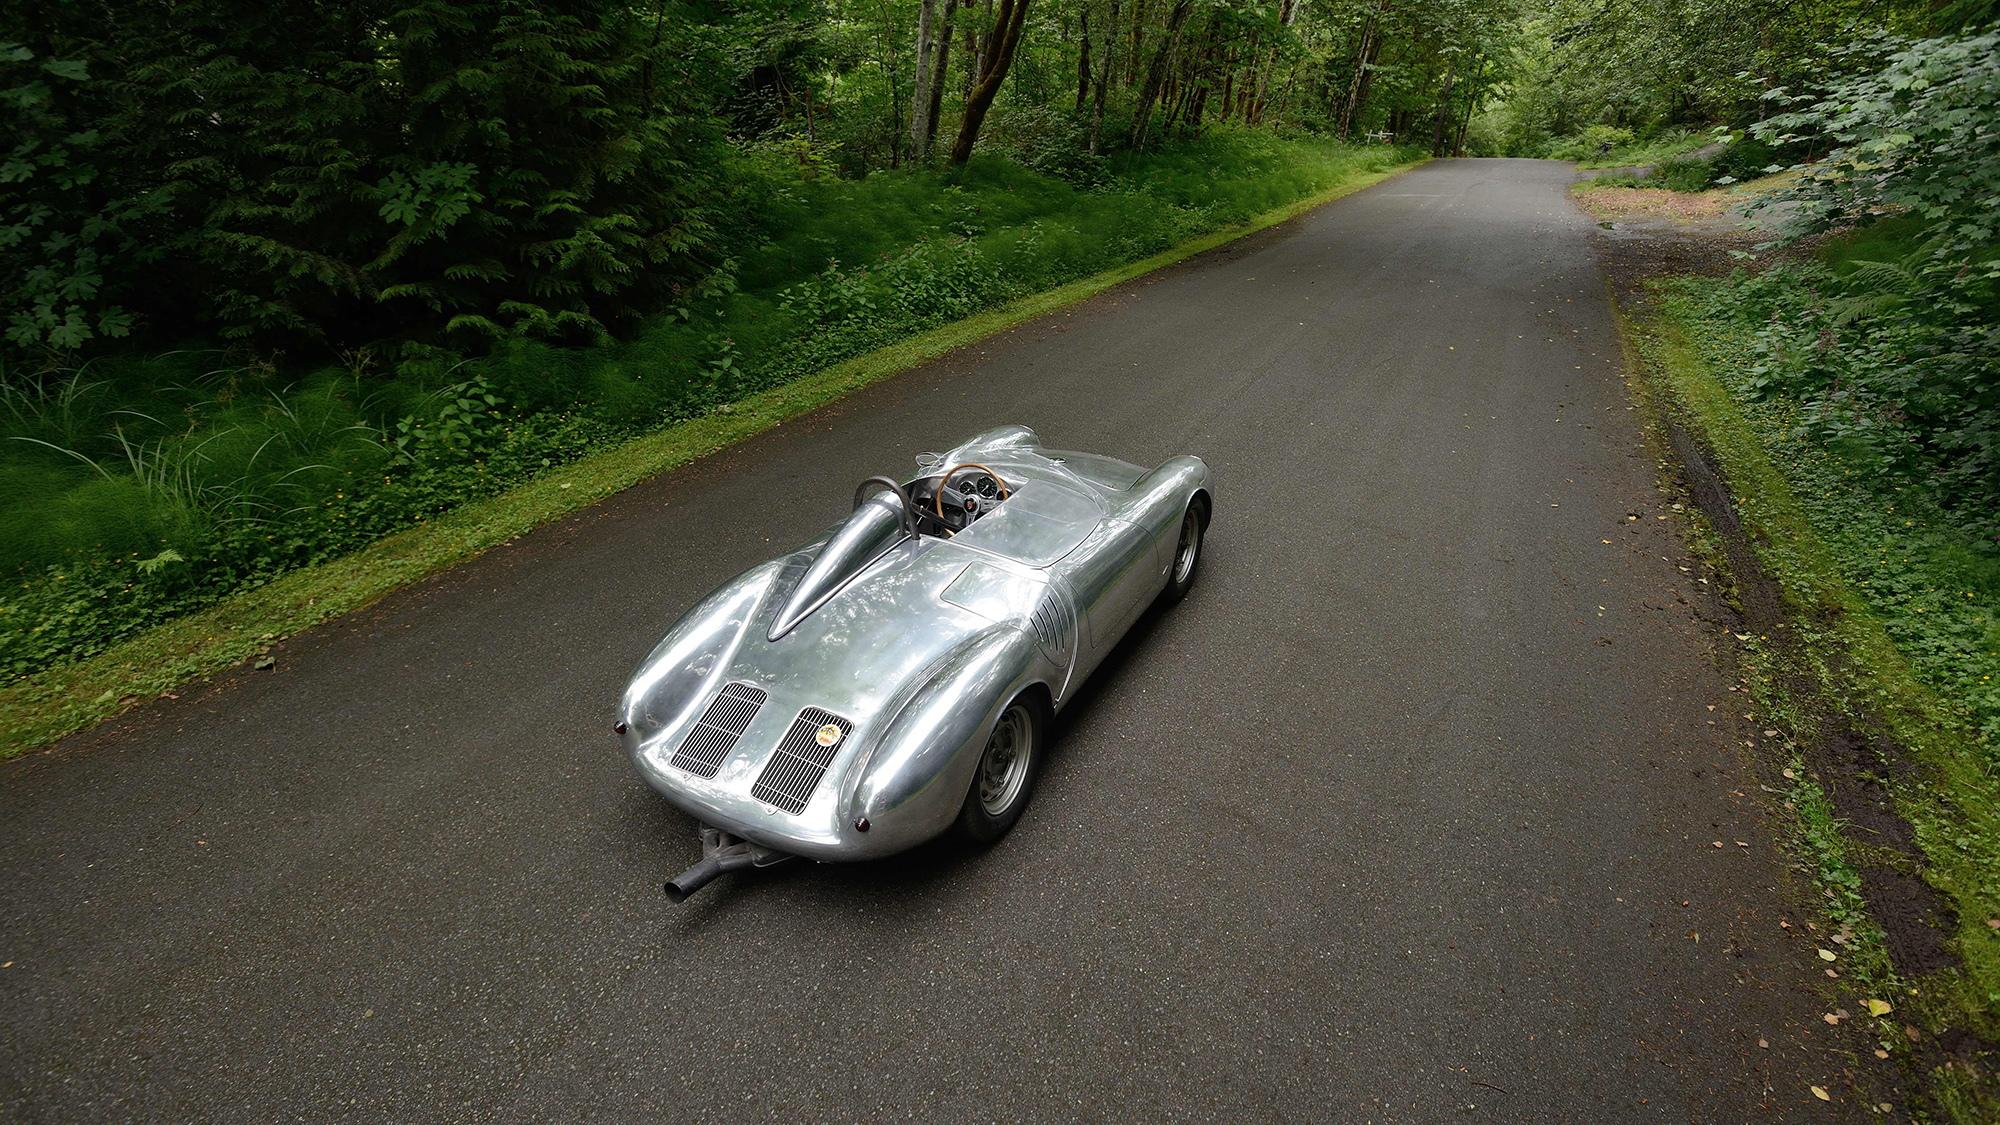 1958 Porsche 550A Spyder bearing chassis No. 0141